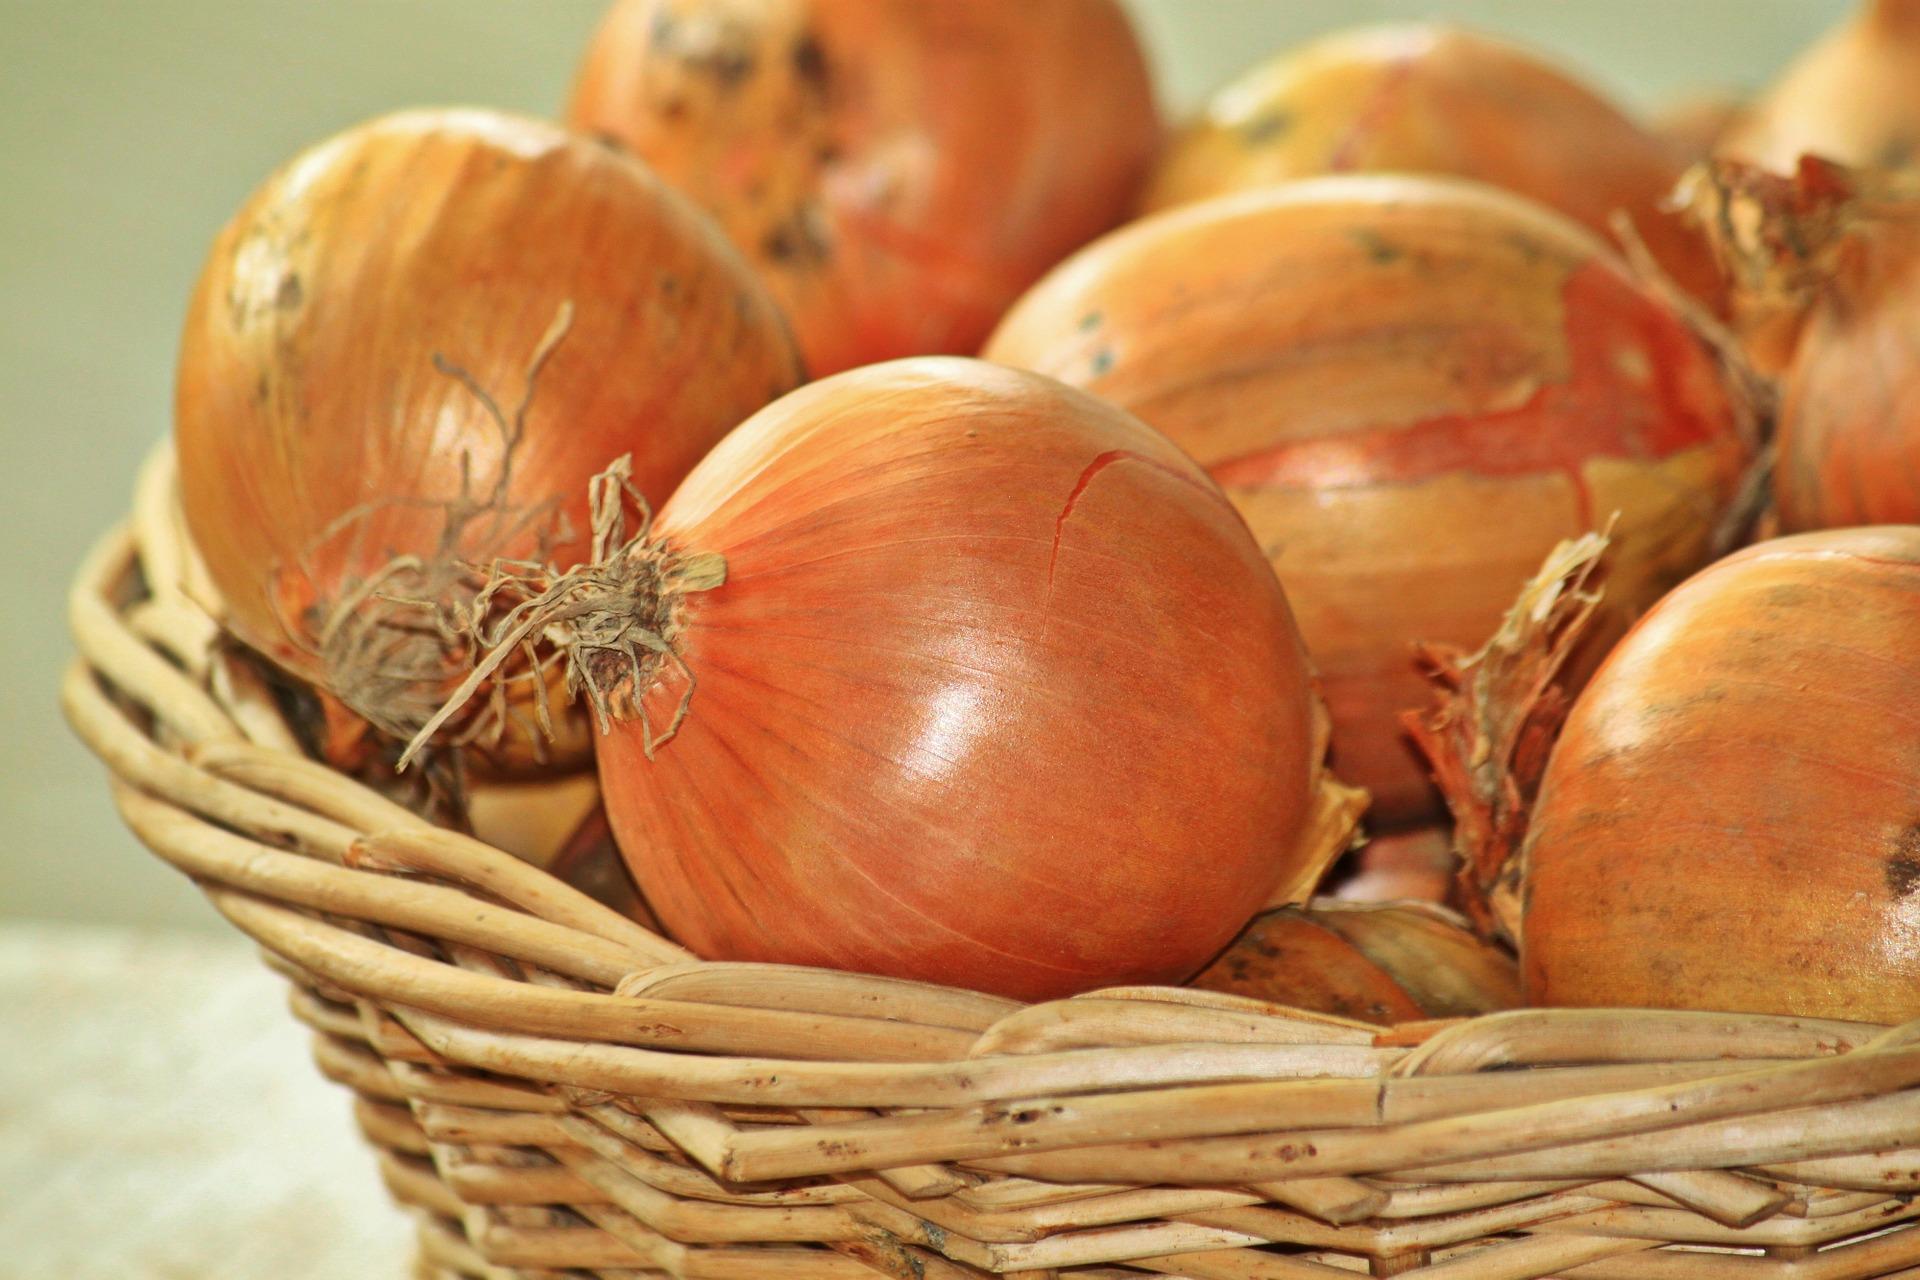 Un panir d'oignons. Illustration © Anja/pixabay